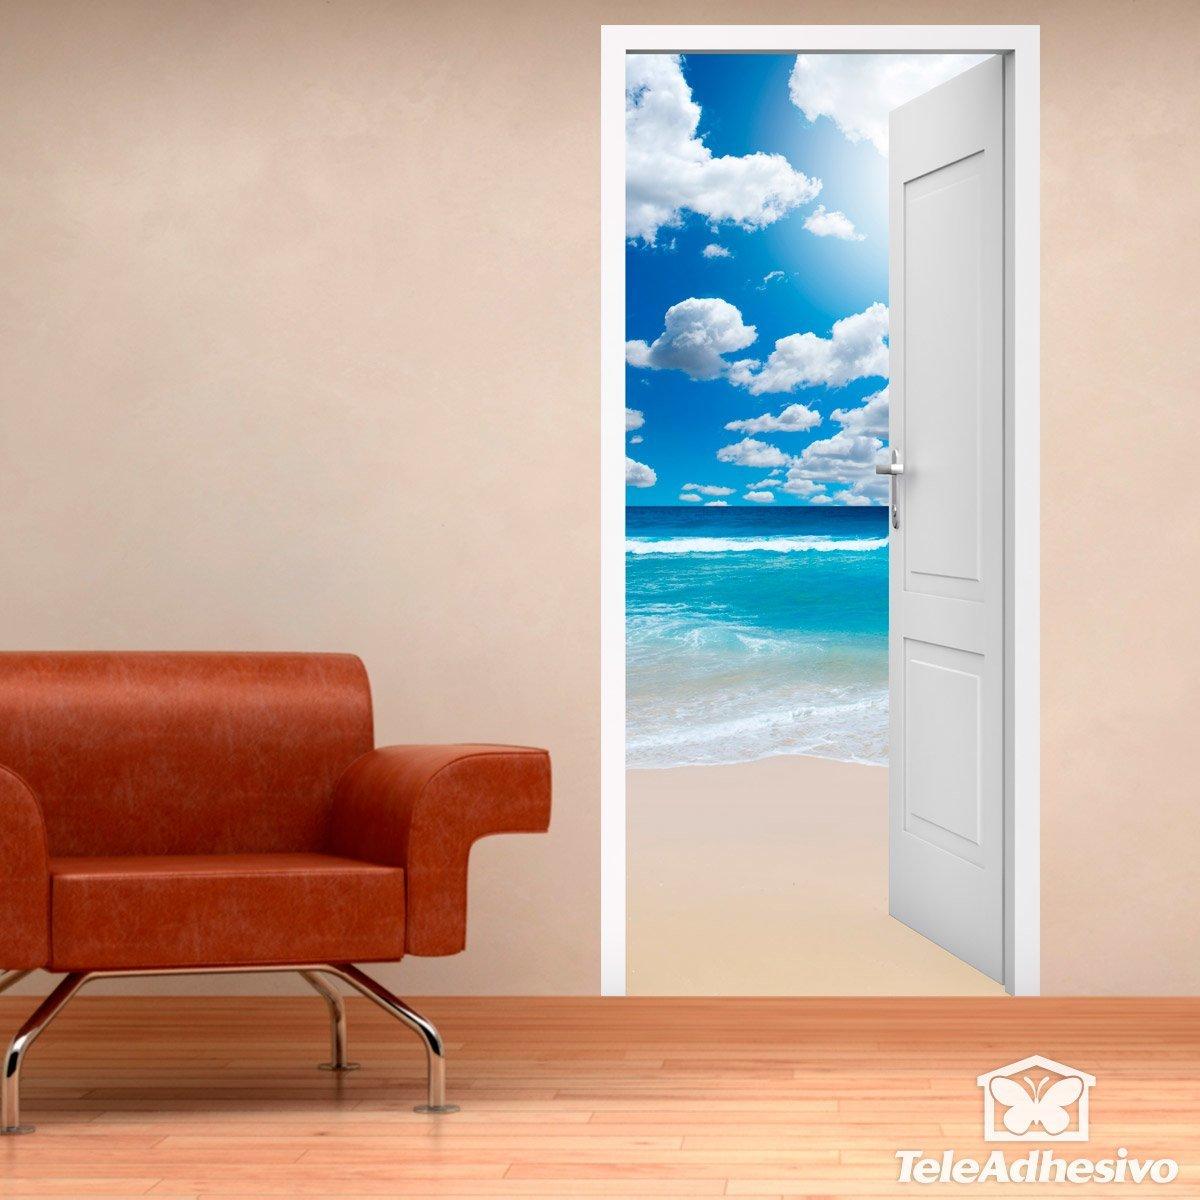 Porta aperta spiaggia cielo nuvole for Porta aperta